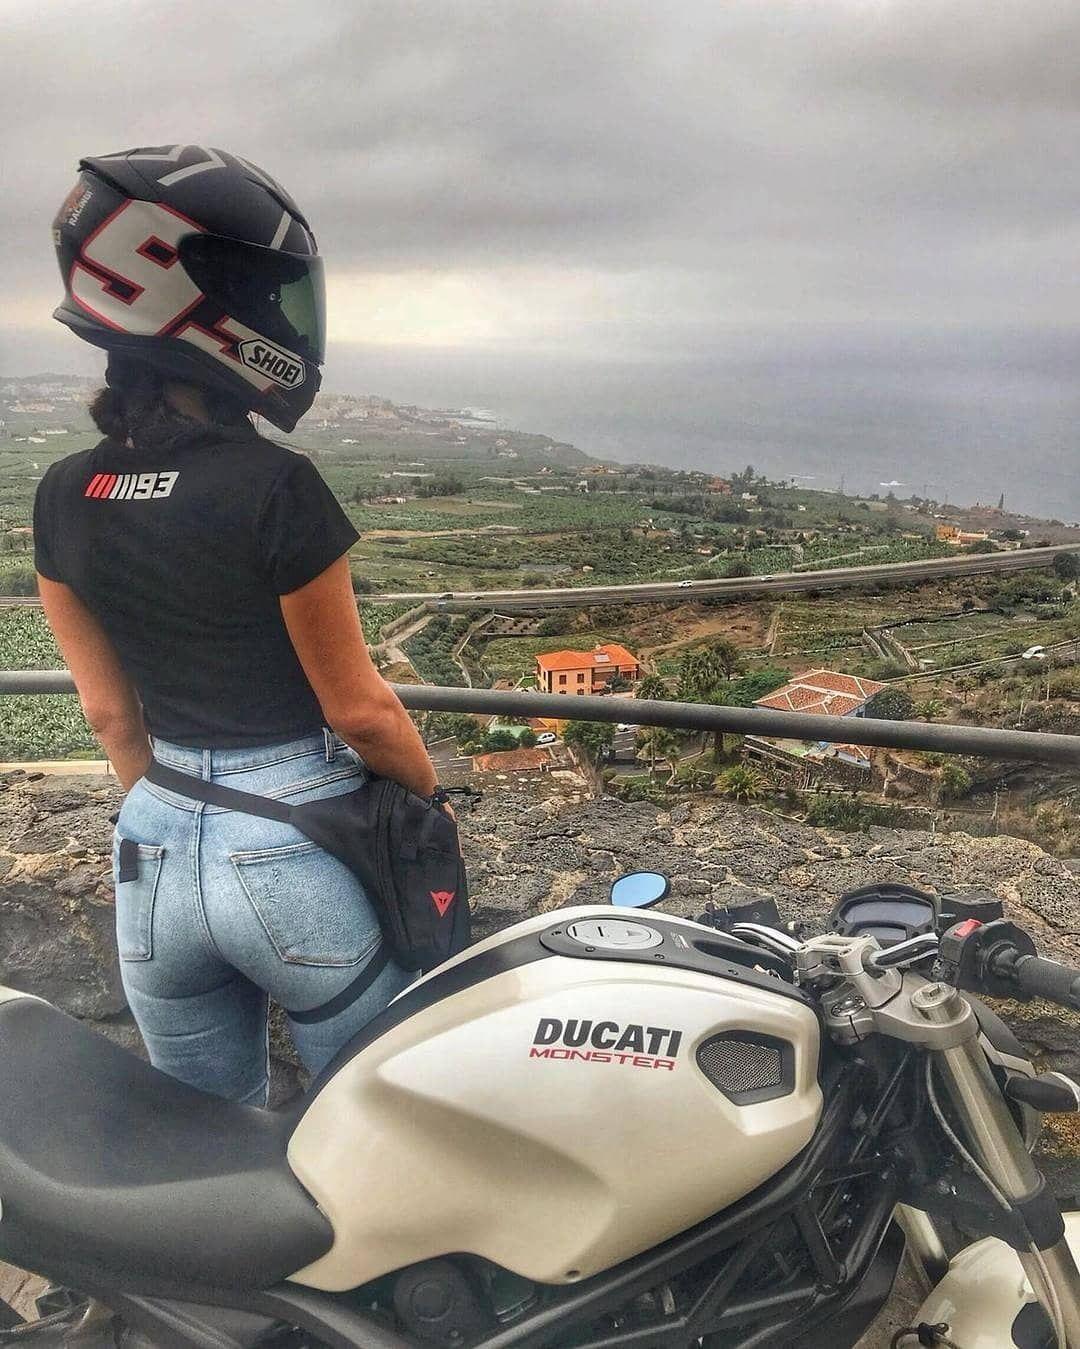 """Sexy Moto Girls on Instagram: """"📷 @jeannette_schaeffler #ducati #ducatimonster #motogirl #motogirls #moto #motorcycle #bike #bikergirl #lifestyle #sherides #motolife…"""""""